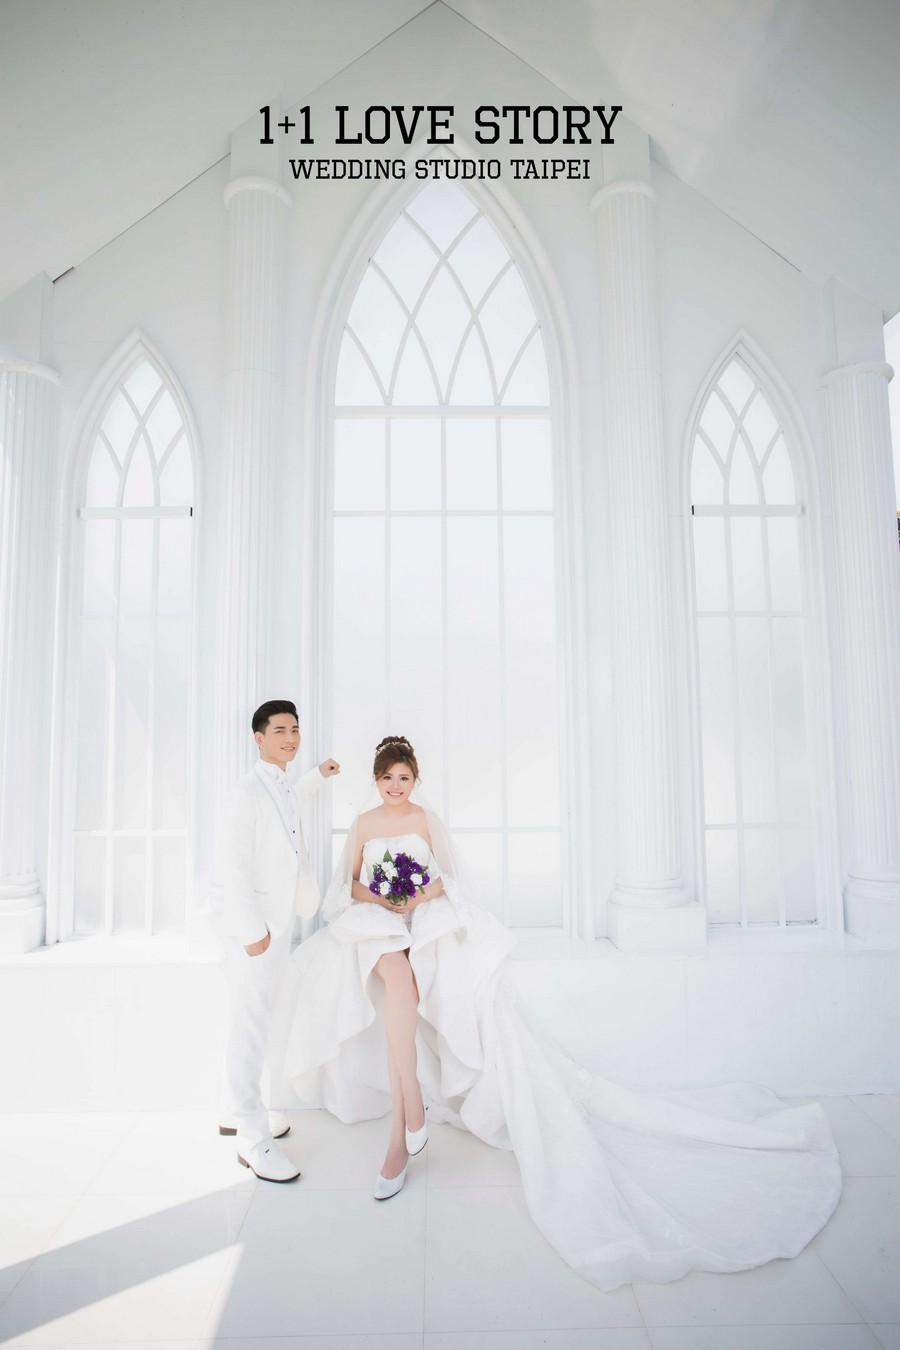 自助婚紗,婚紗攝影,婚紗照,婚紗照風格,婚紗攝影 推薦,婚紗照姿勢,婚紗攝影 推薦,自助婚紗攝影,婚紗包套